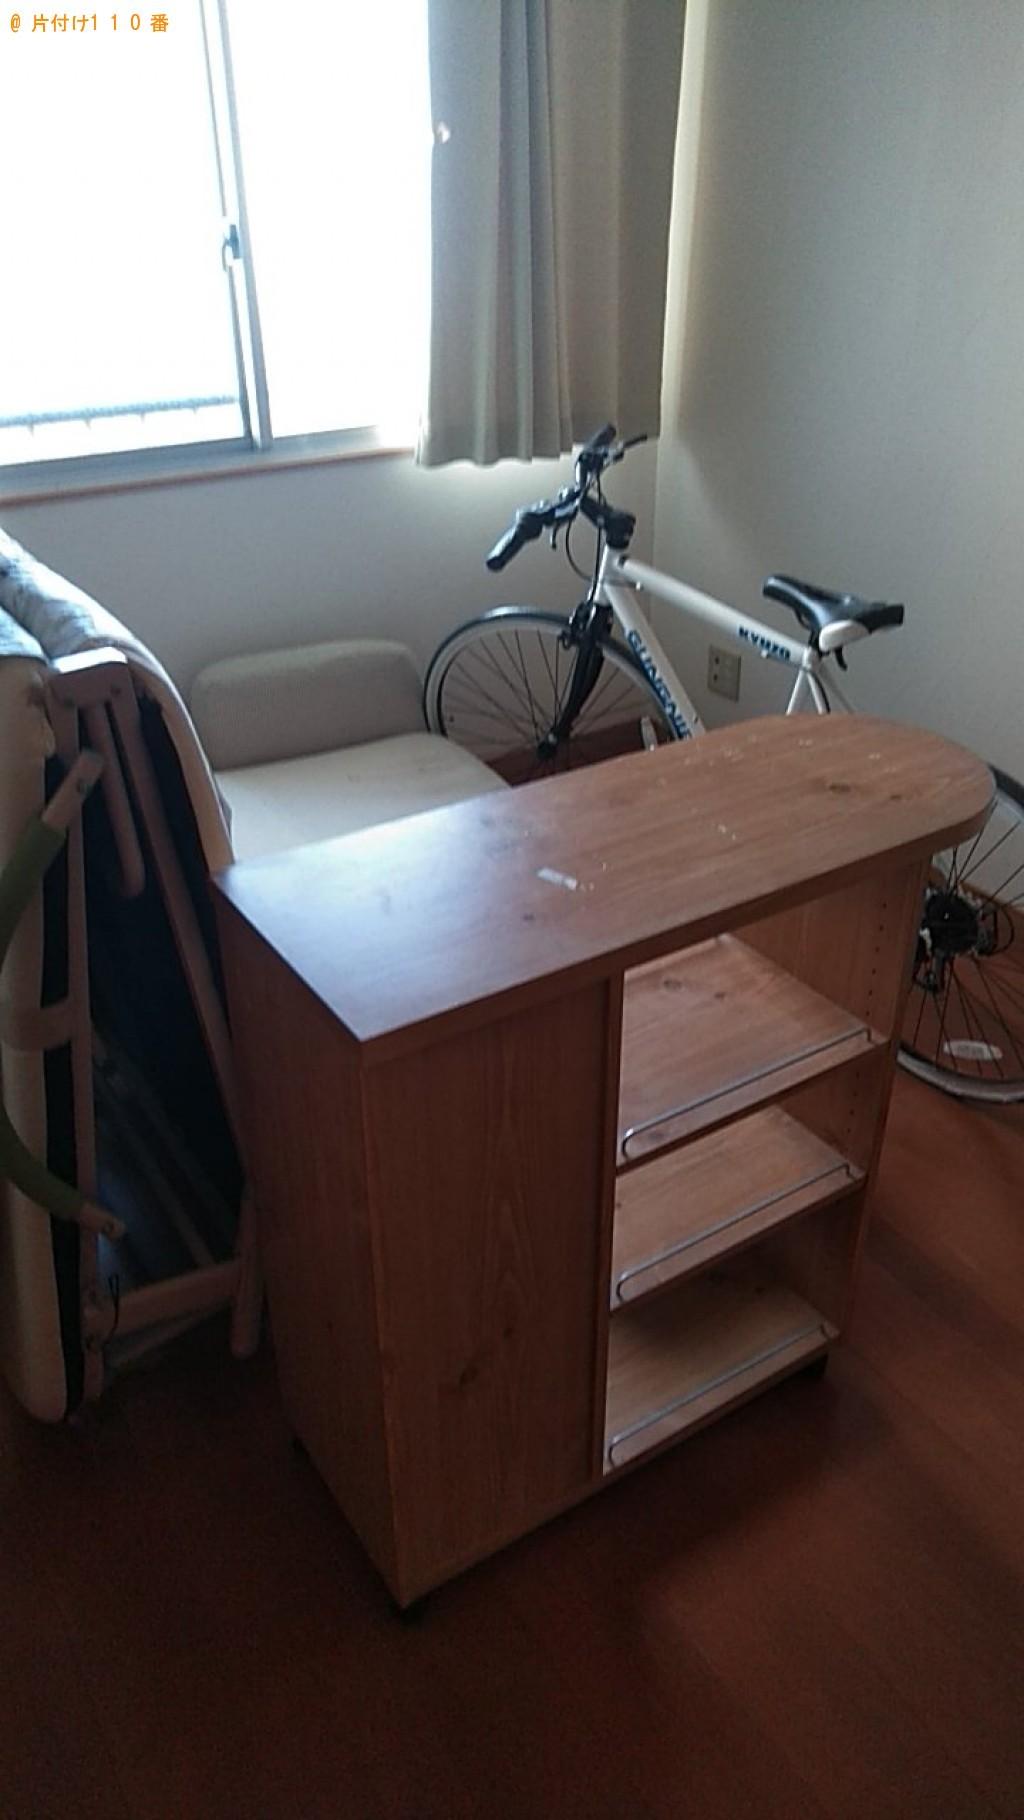 【伊予郡】ダイニングテーブル、椅子、ソファー等の回収・処分